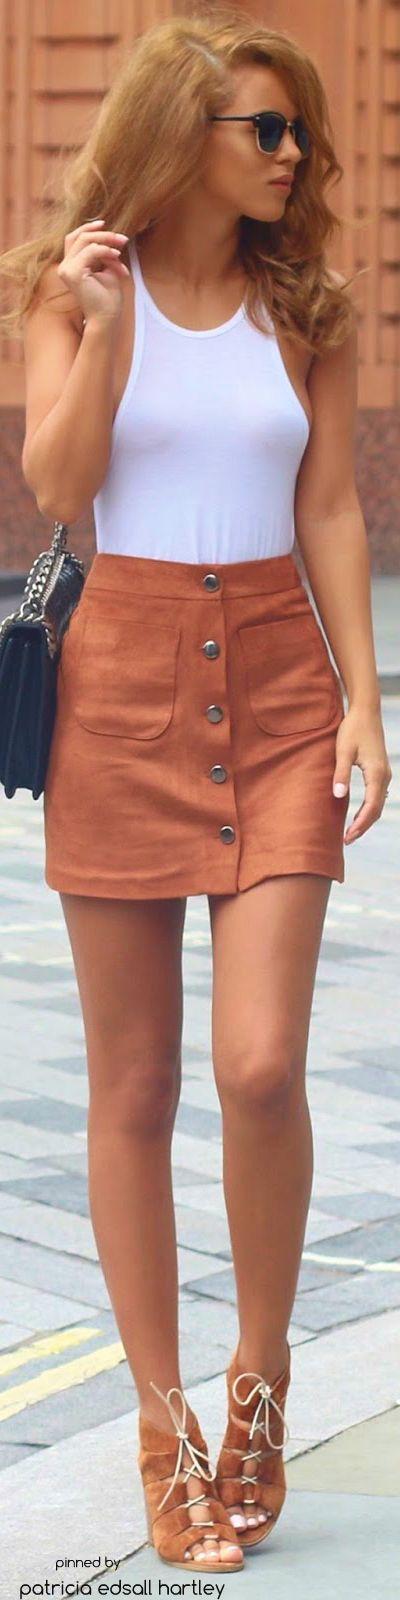 Fashionable Mini Skirts